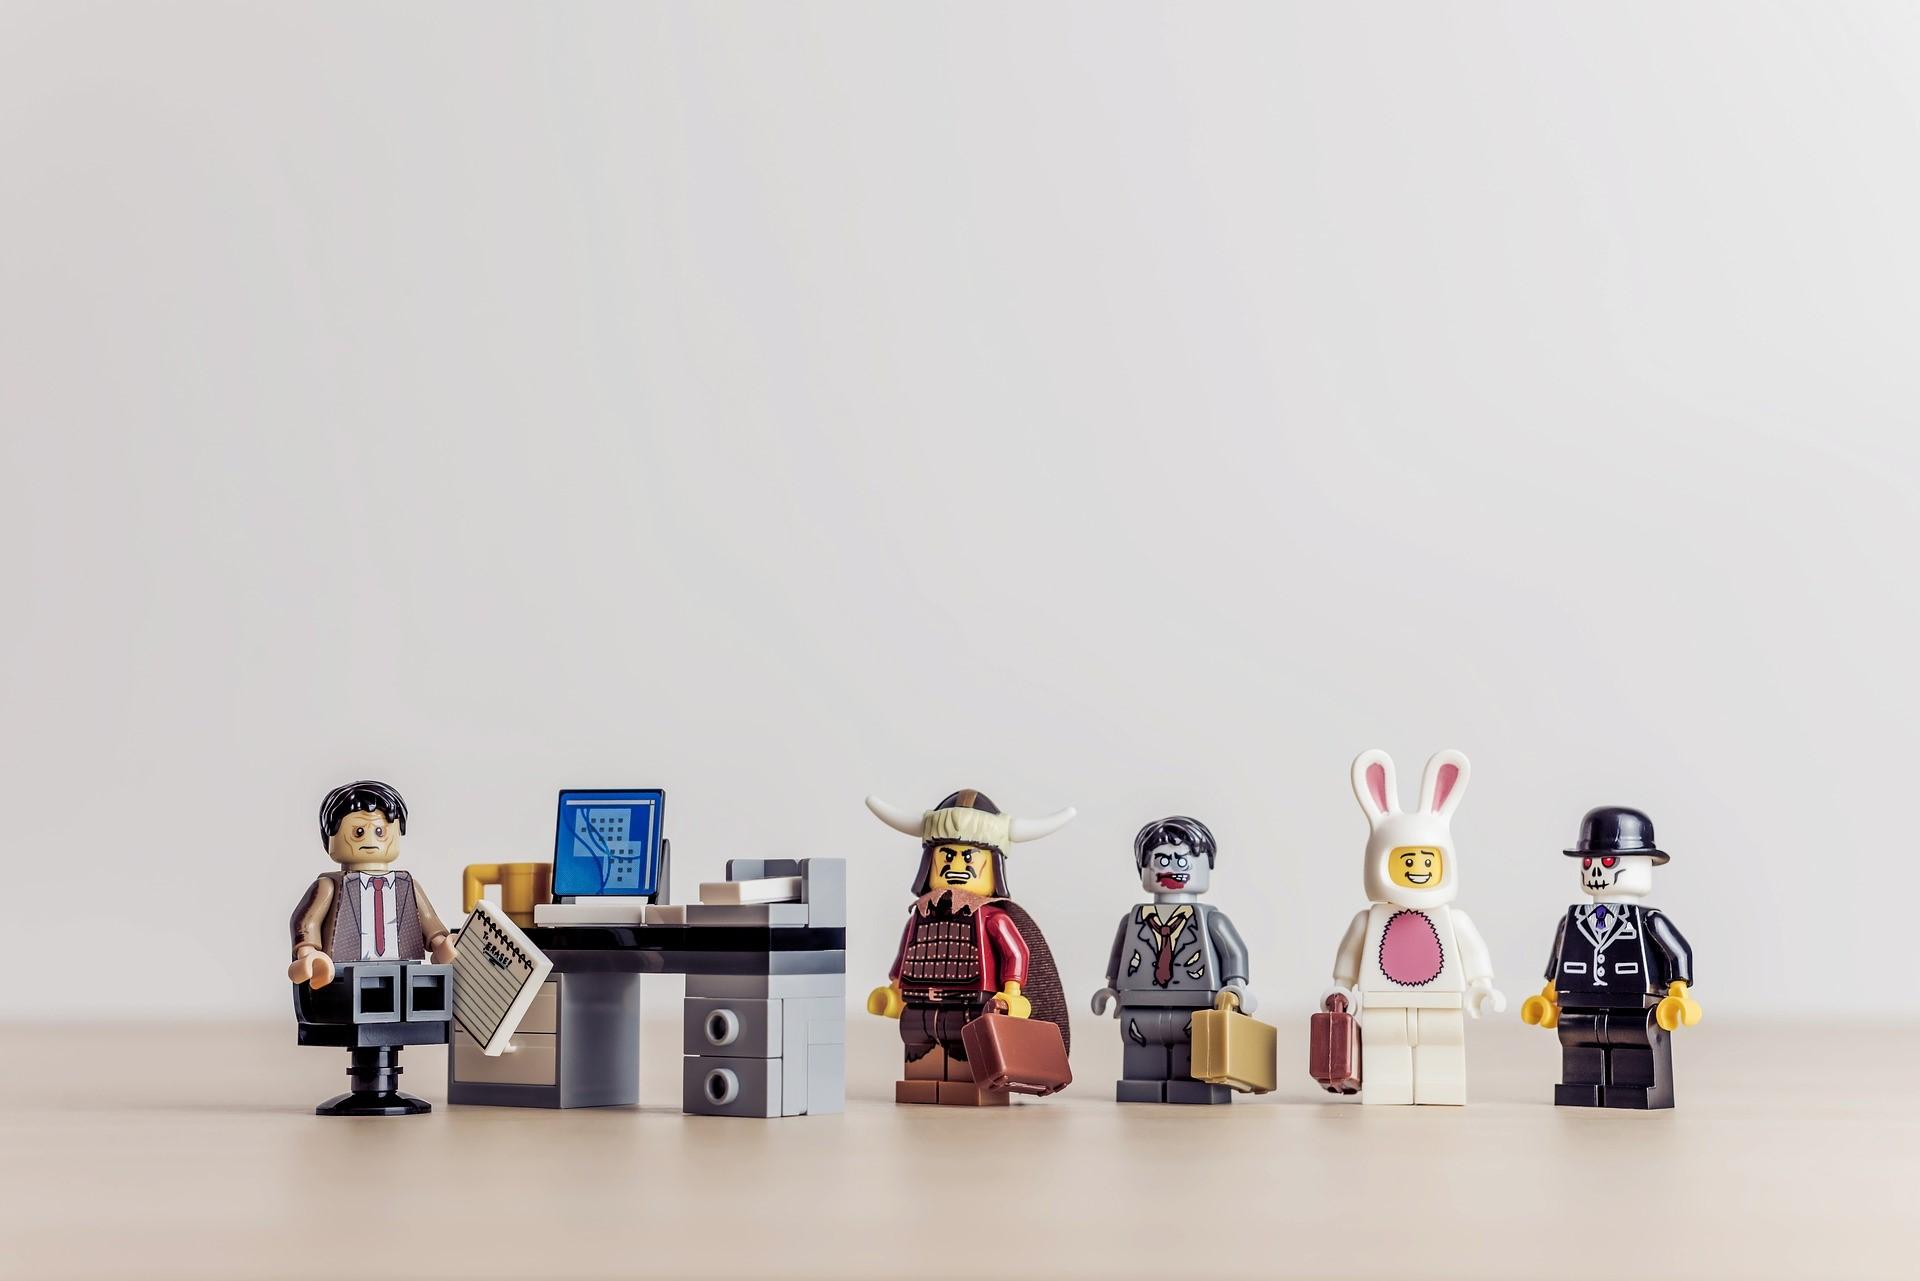 Lego Figuren: Eine vor einem Schreibtisch, die anderen in einer Reihe davor